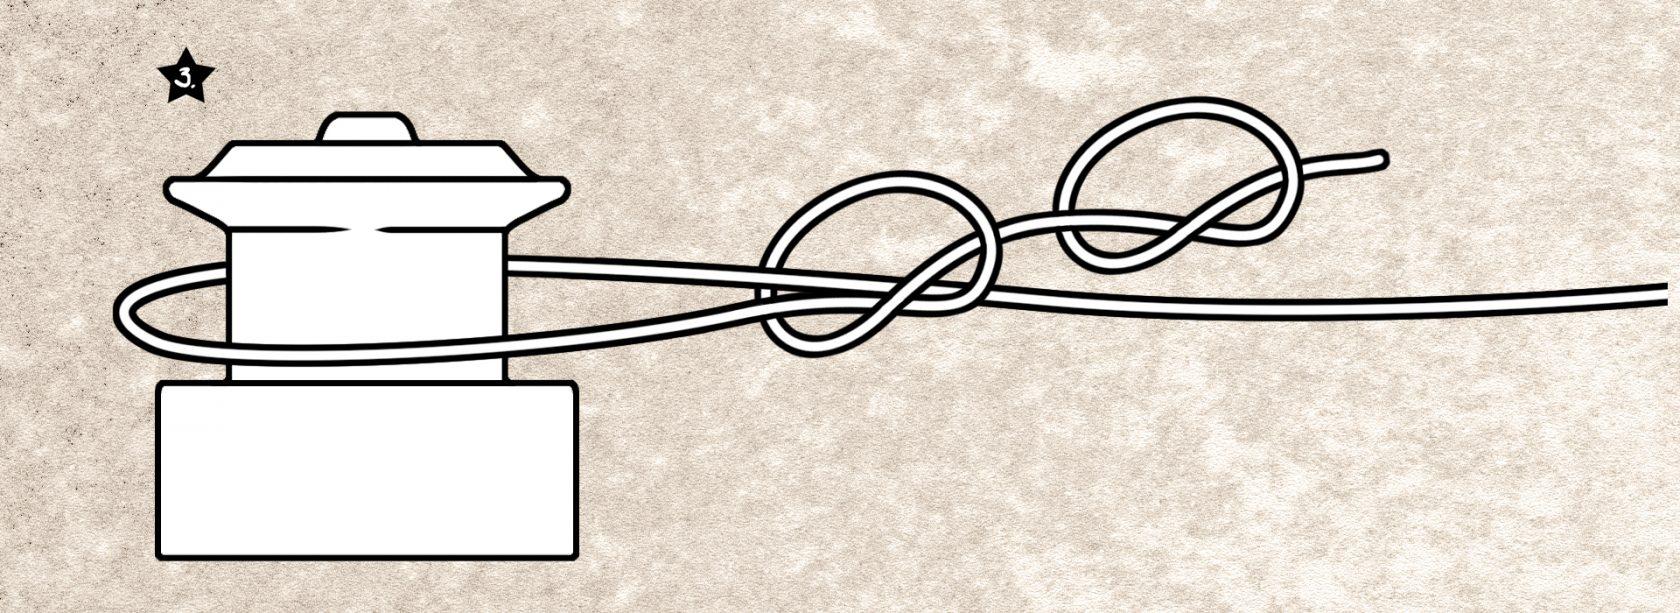 Angelknoten zum Befestigen der Schnur am Spulenkern